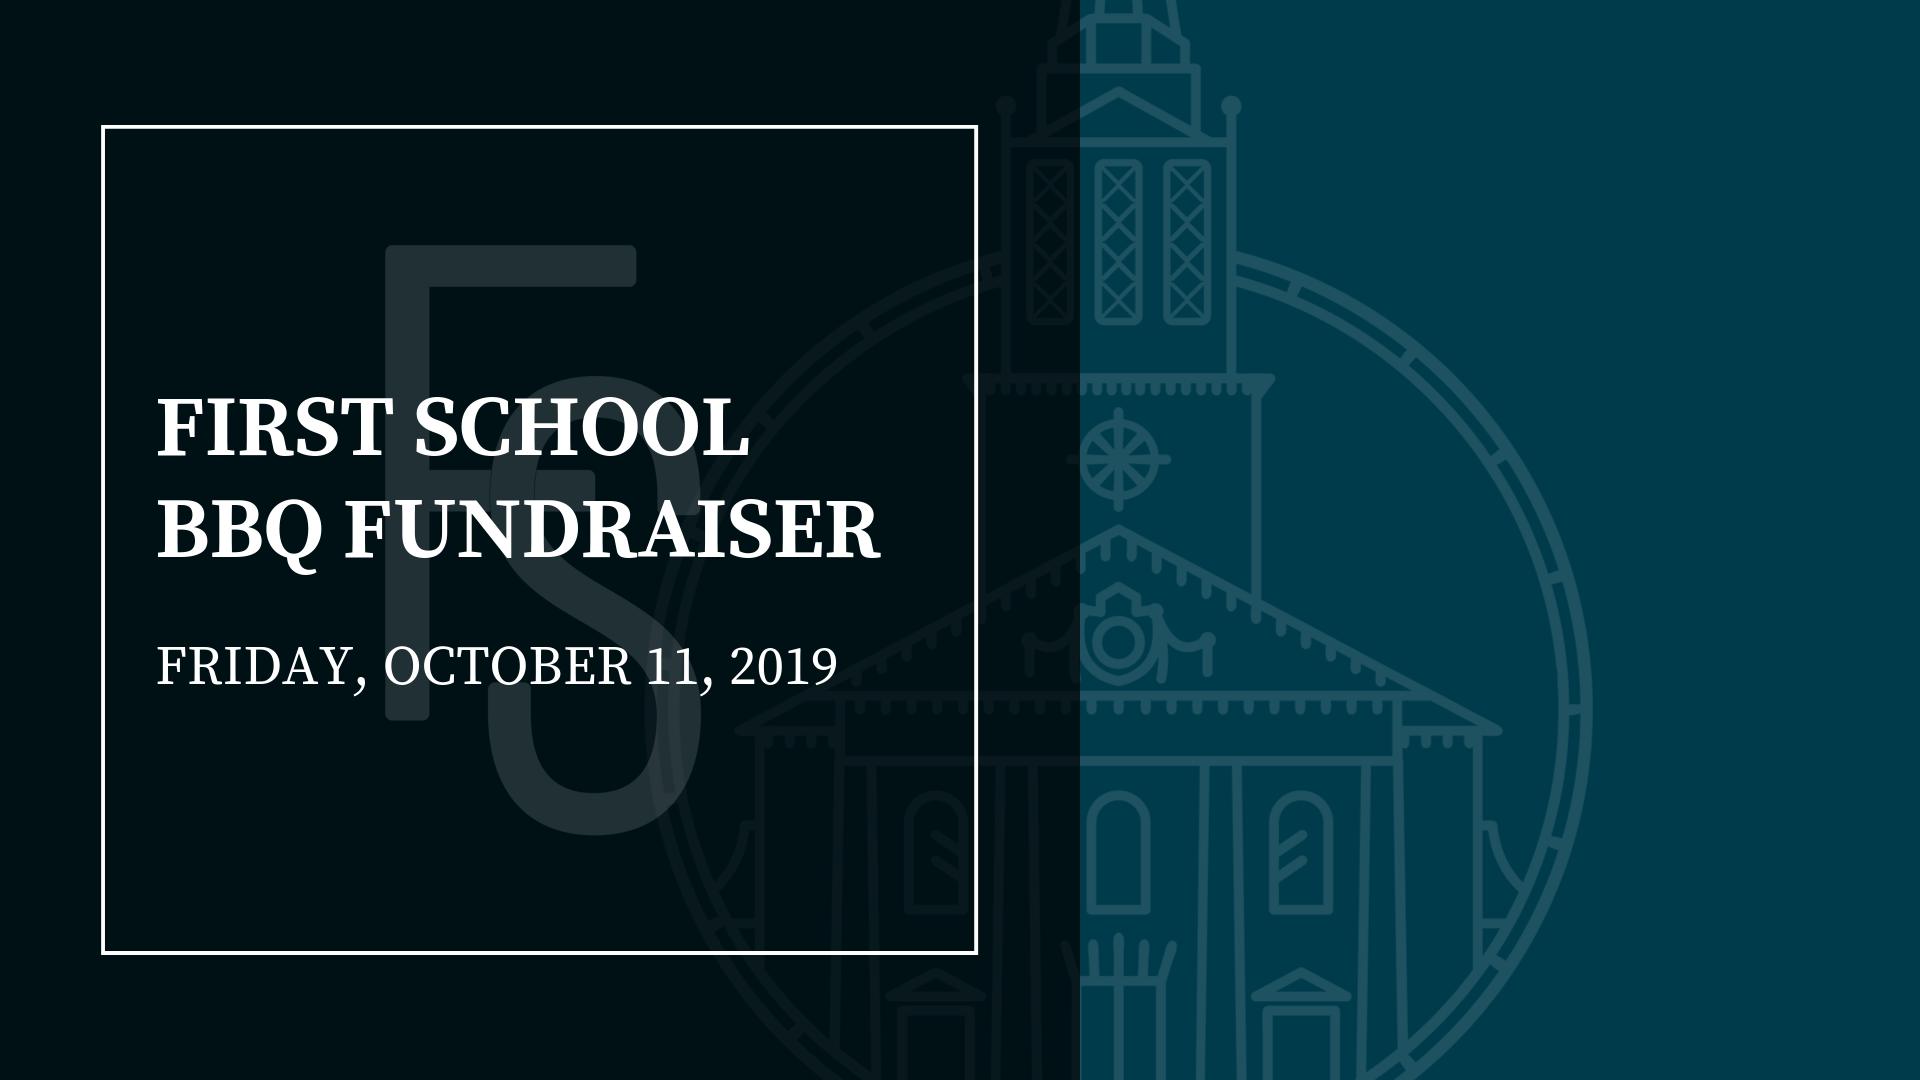 first-school-bbq-fundraiser-2019-first-baptist-church-decatur-event-spe.png